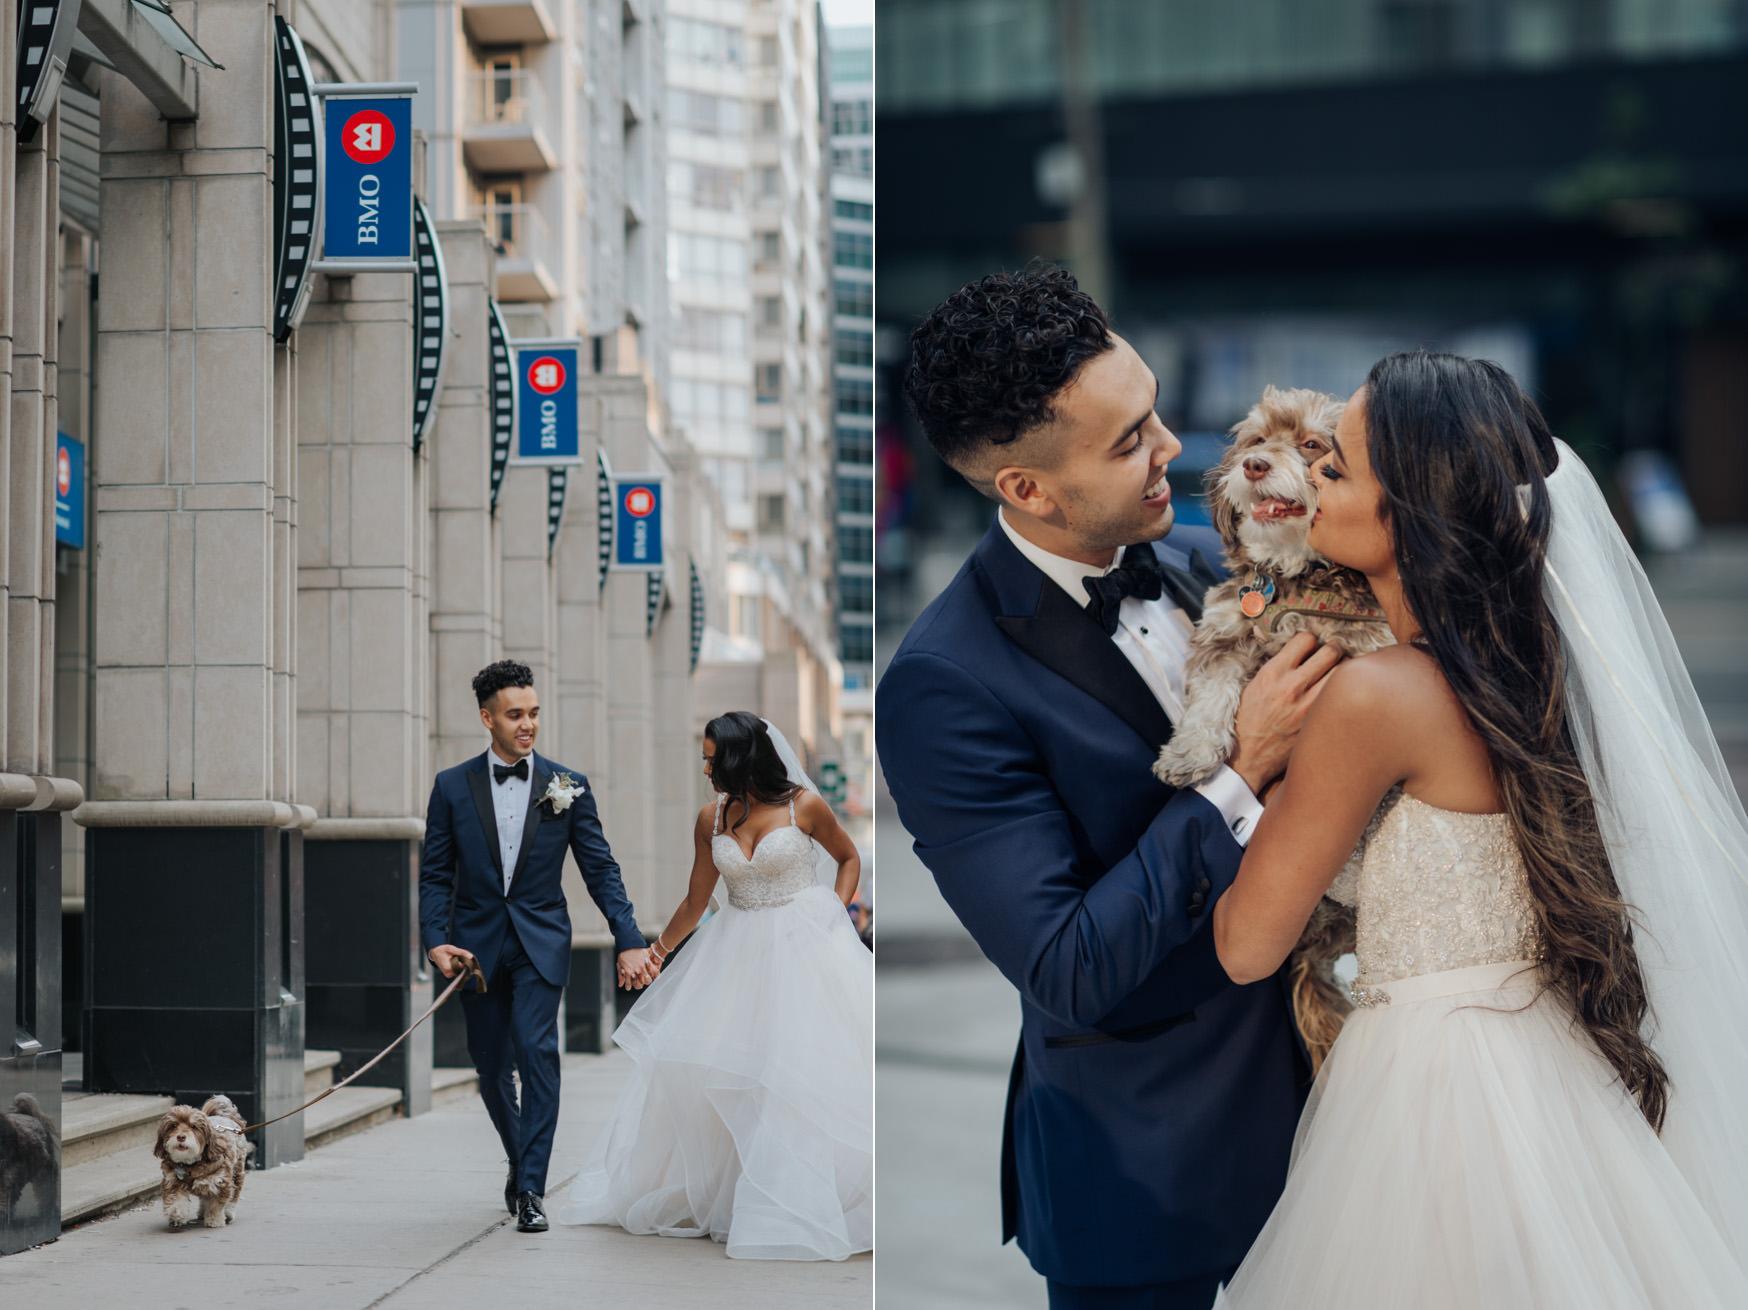 Toronto Wedding Couple Dog Photo